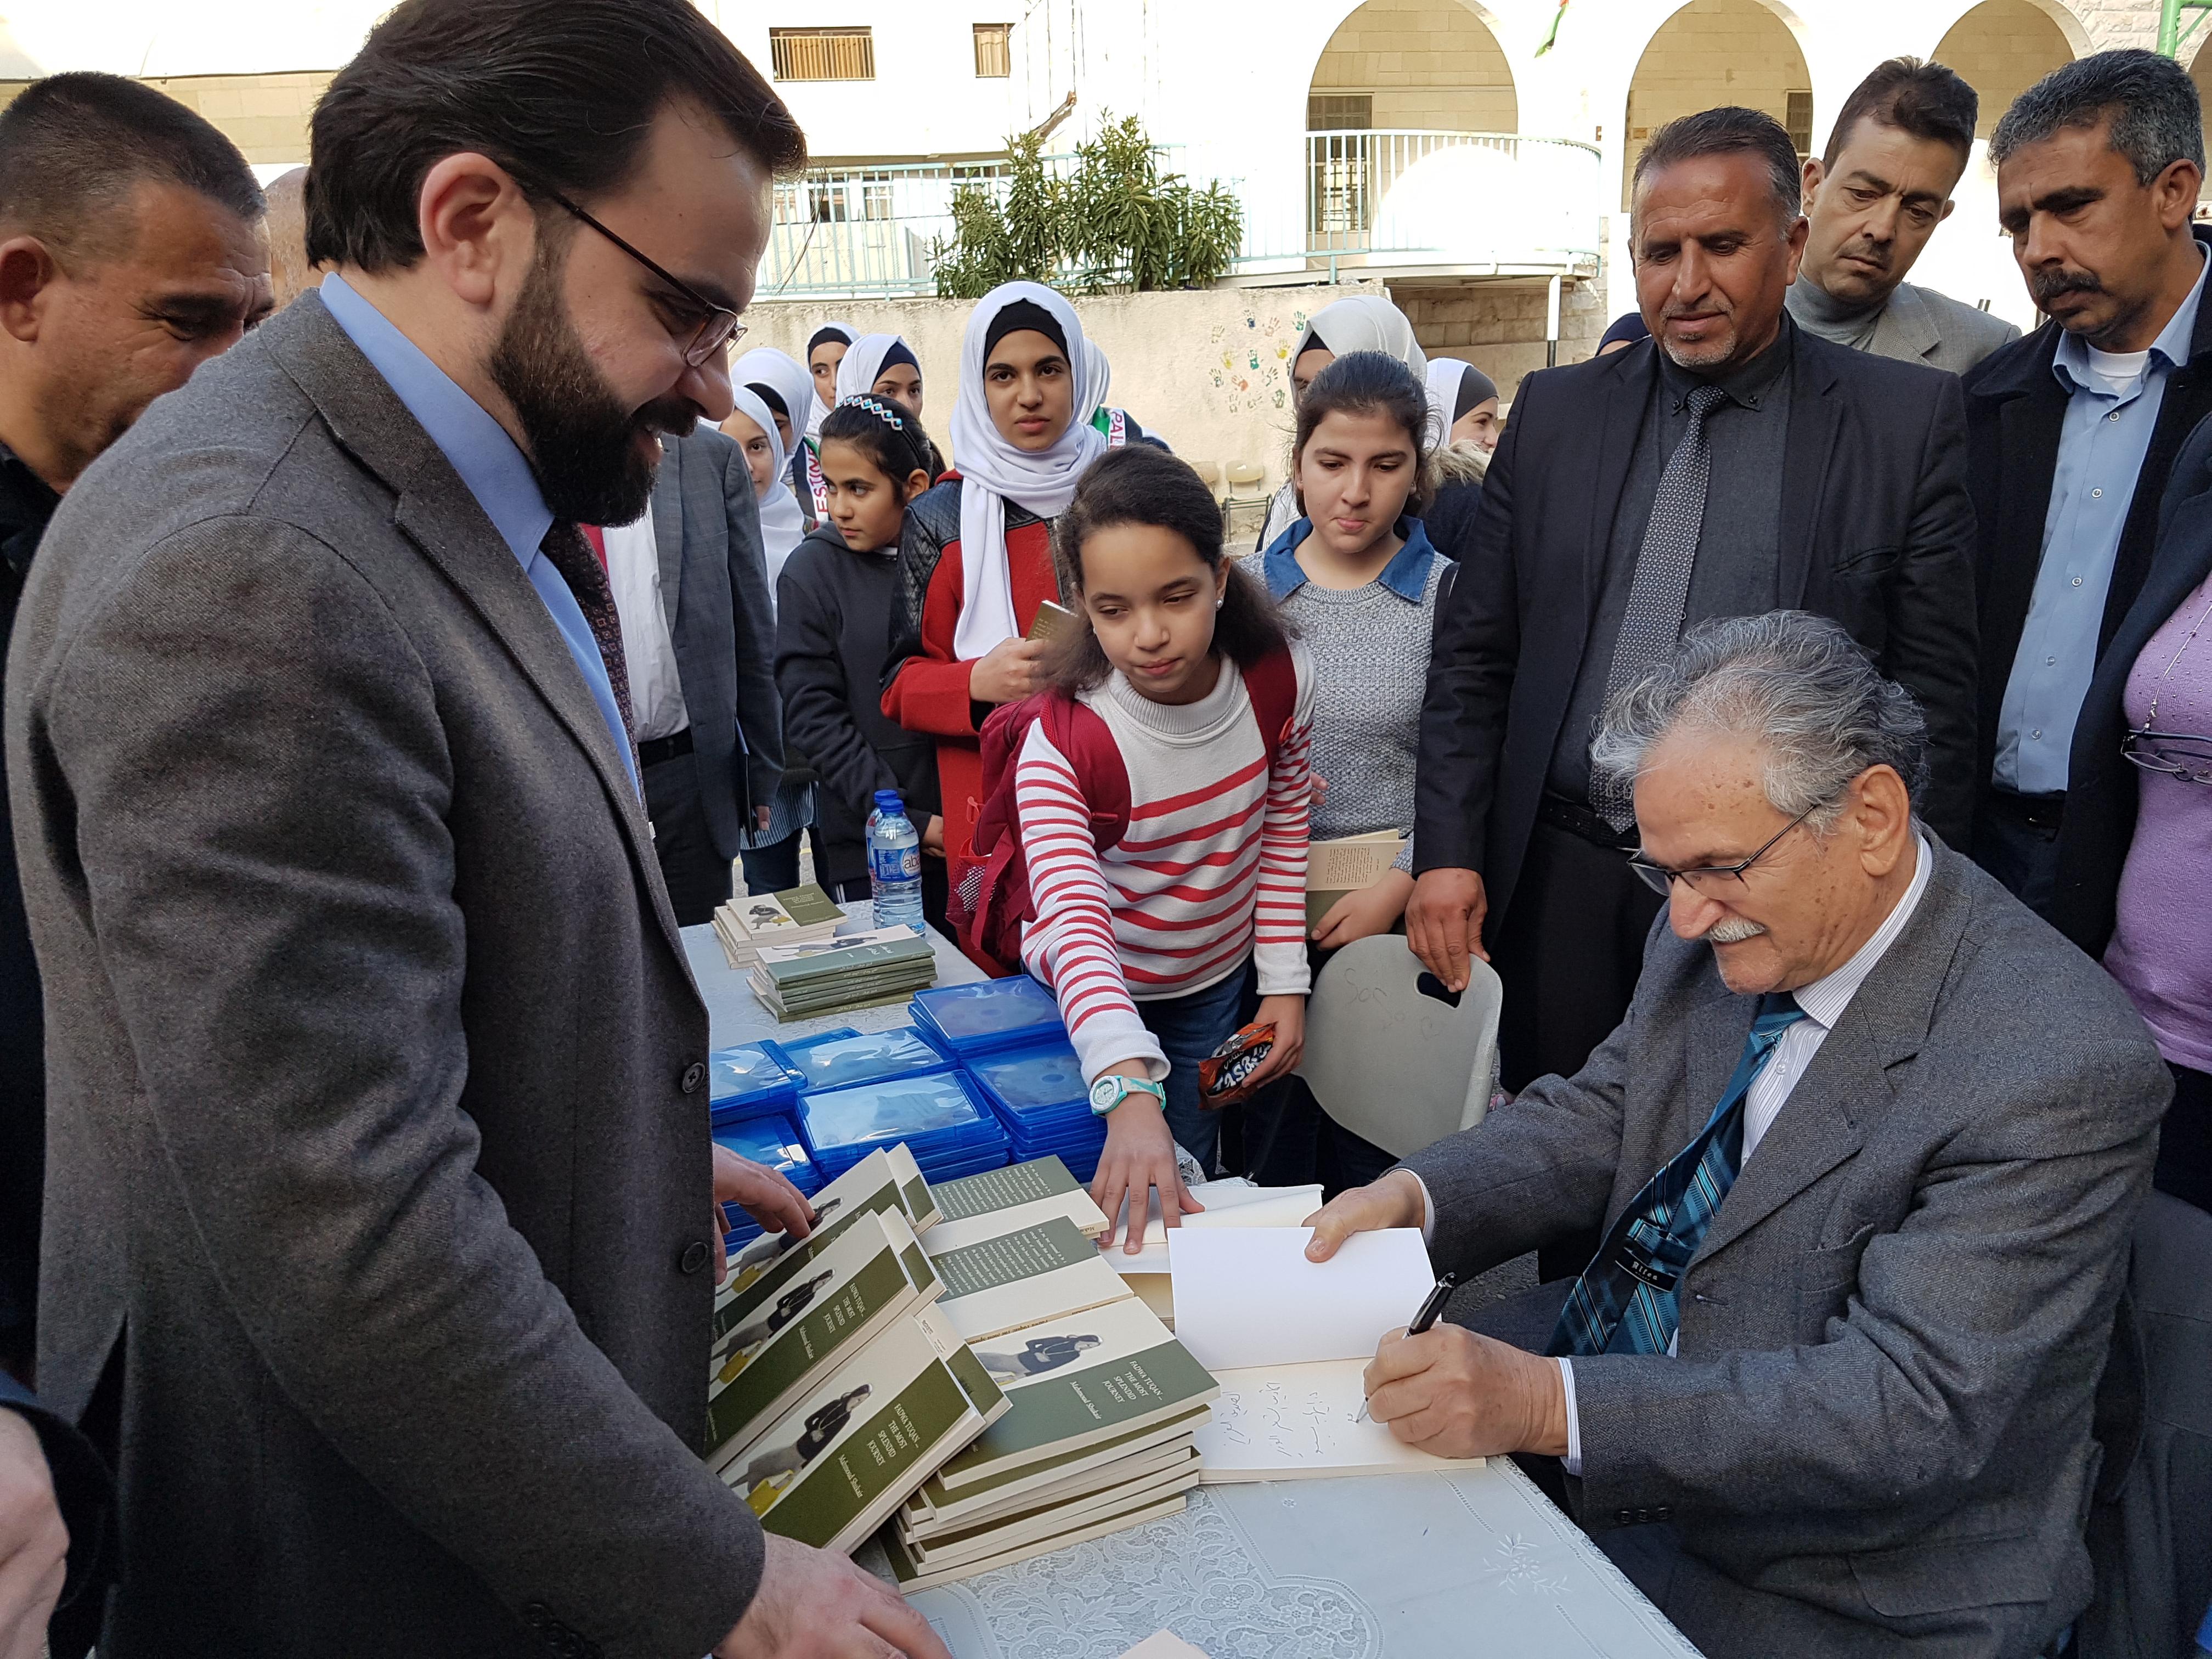 """وزارة الثقافة تطلق كتاب """"فدوى طوقان الرحلة الأبهى"""" لمحمود شقير  تعميماً لإرثها على اليافعين"""